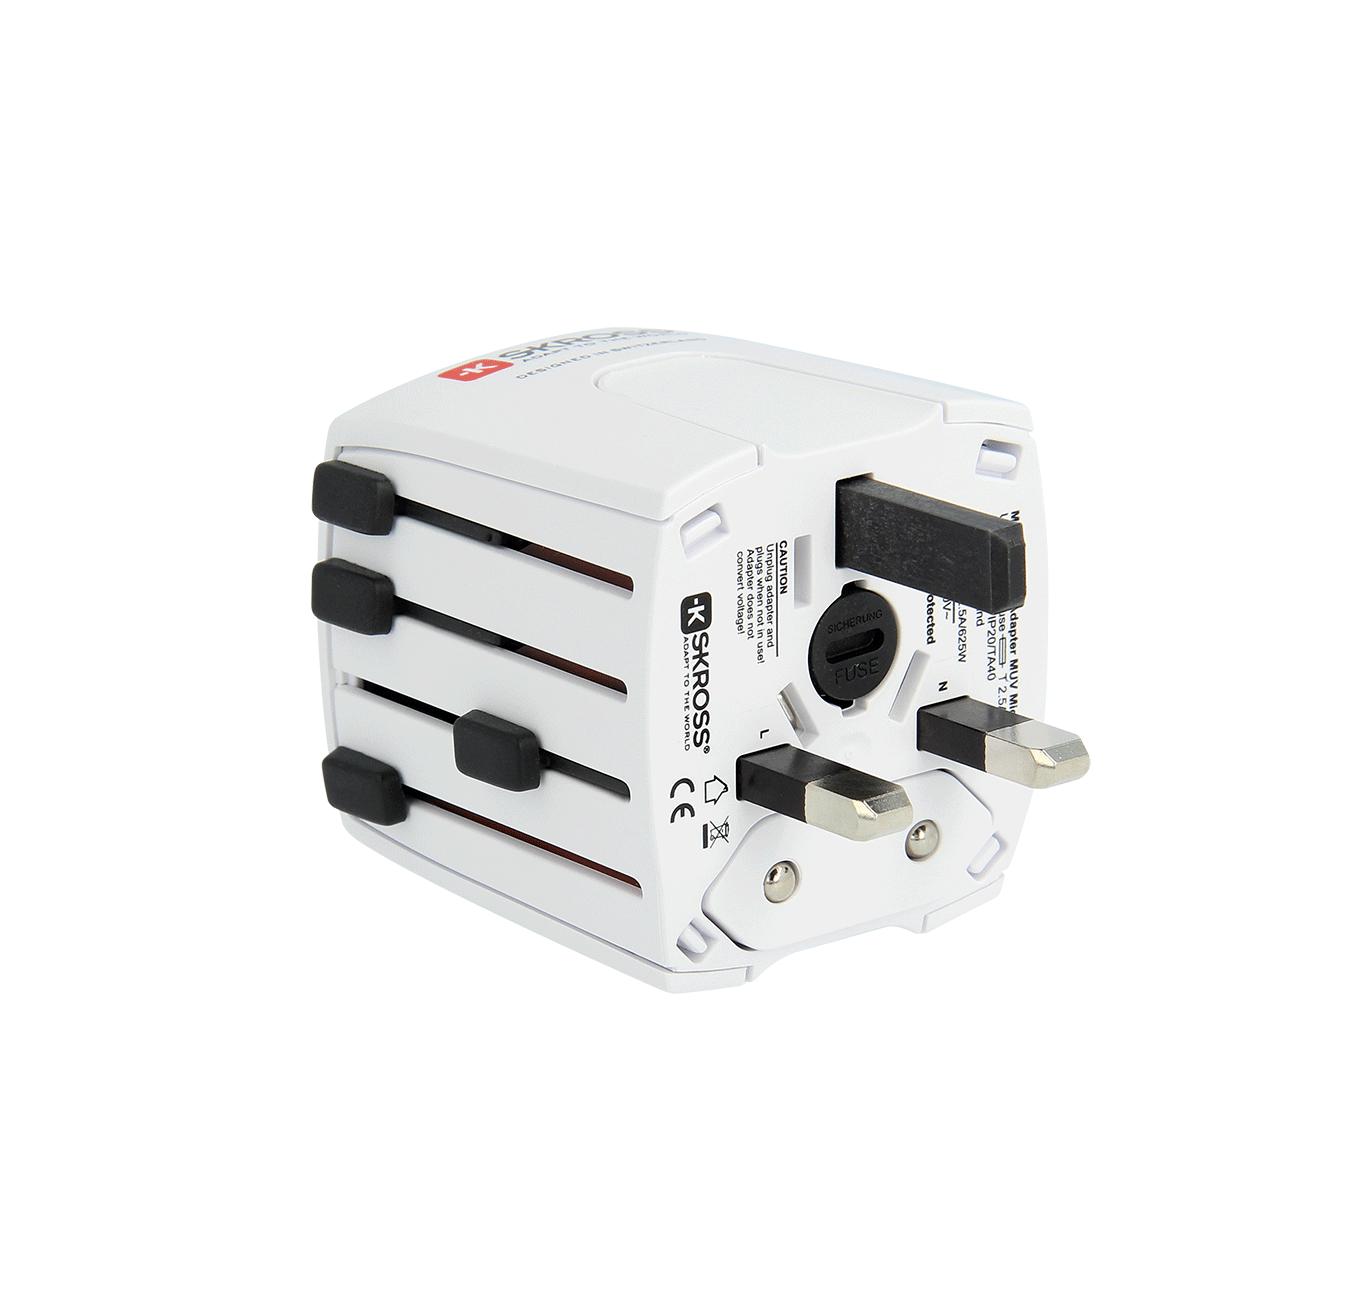 przejsciowka-do-gniazdka-MUV-Micro